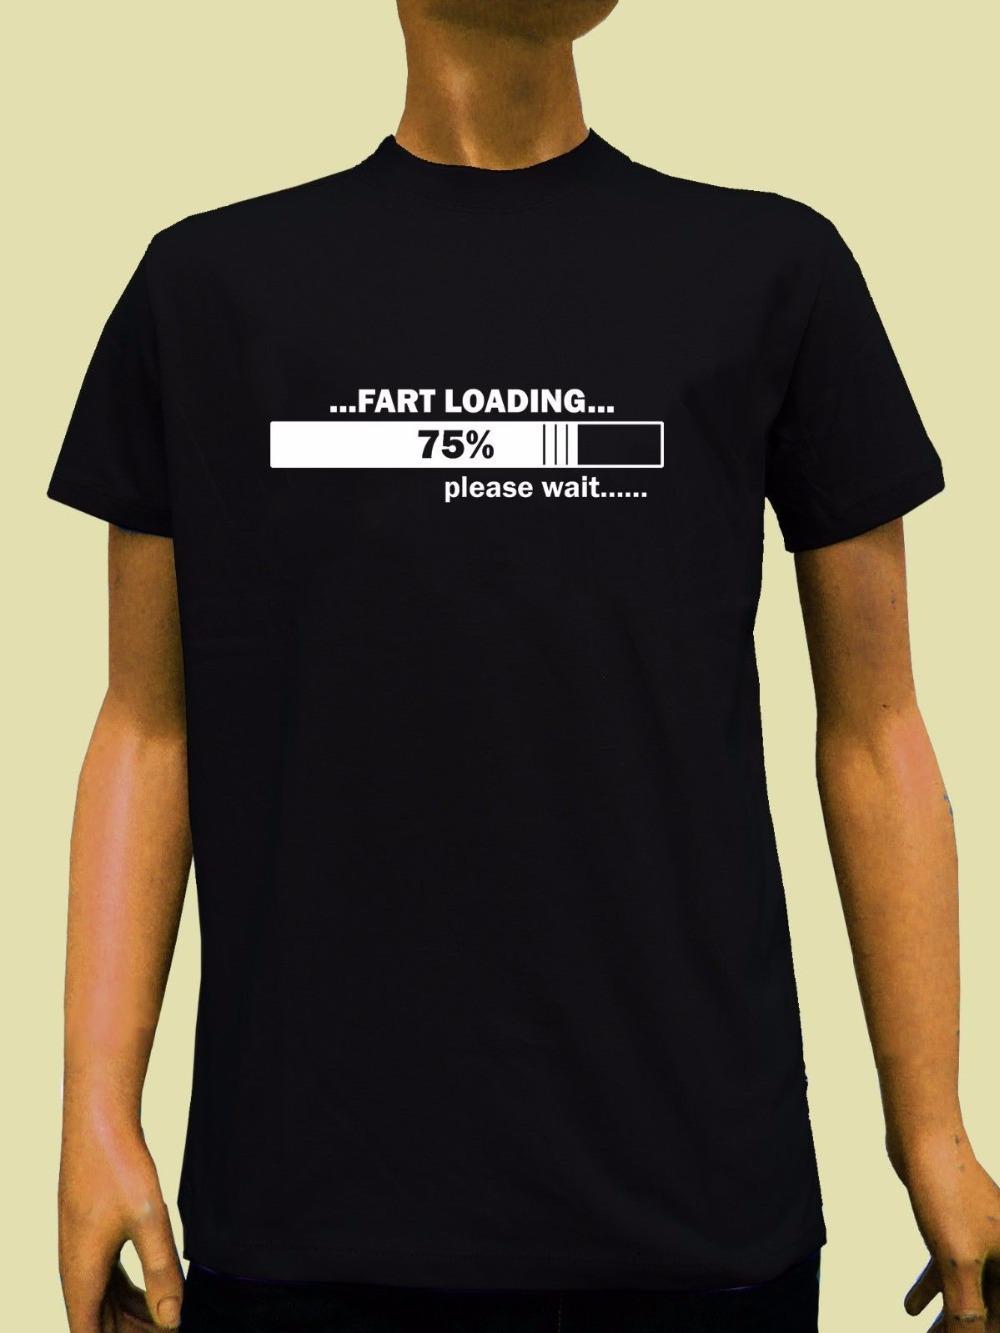 2019 Летняя мода Мужчины Printed T Рубашки Loading Мужчины Футболка Смешной Юмор Шутка Мужская рубашка Рождественский подарок дизайн Мужчины Tee Shirt